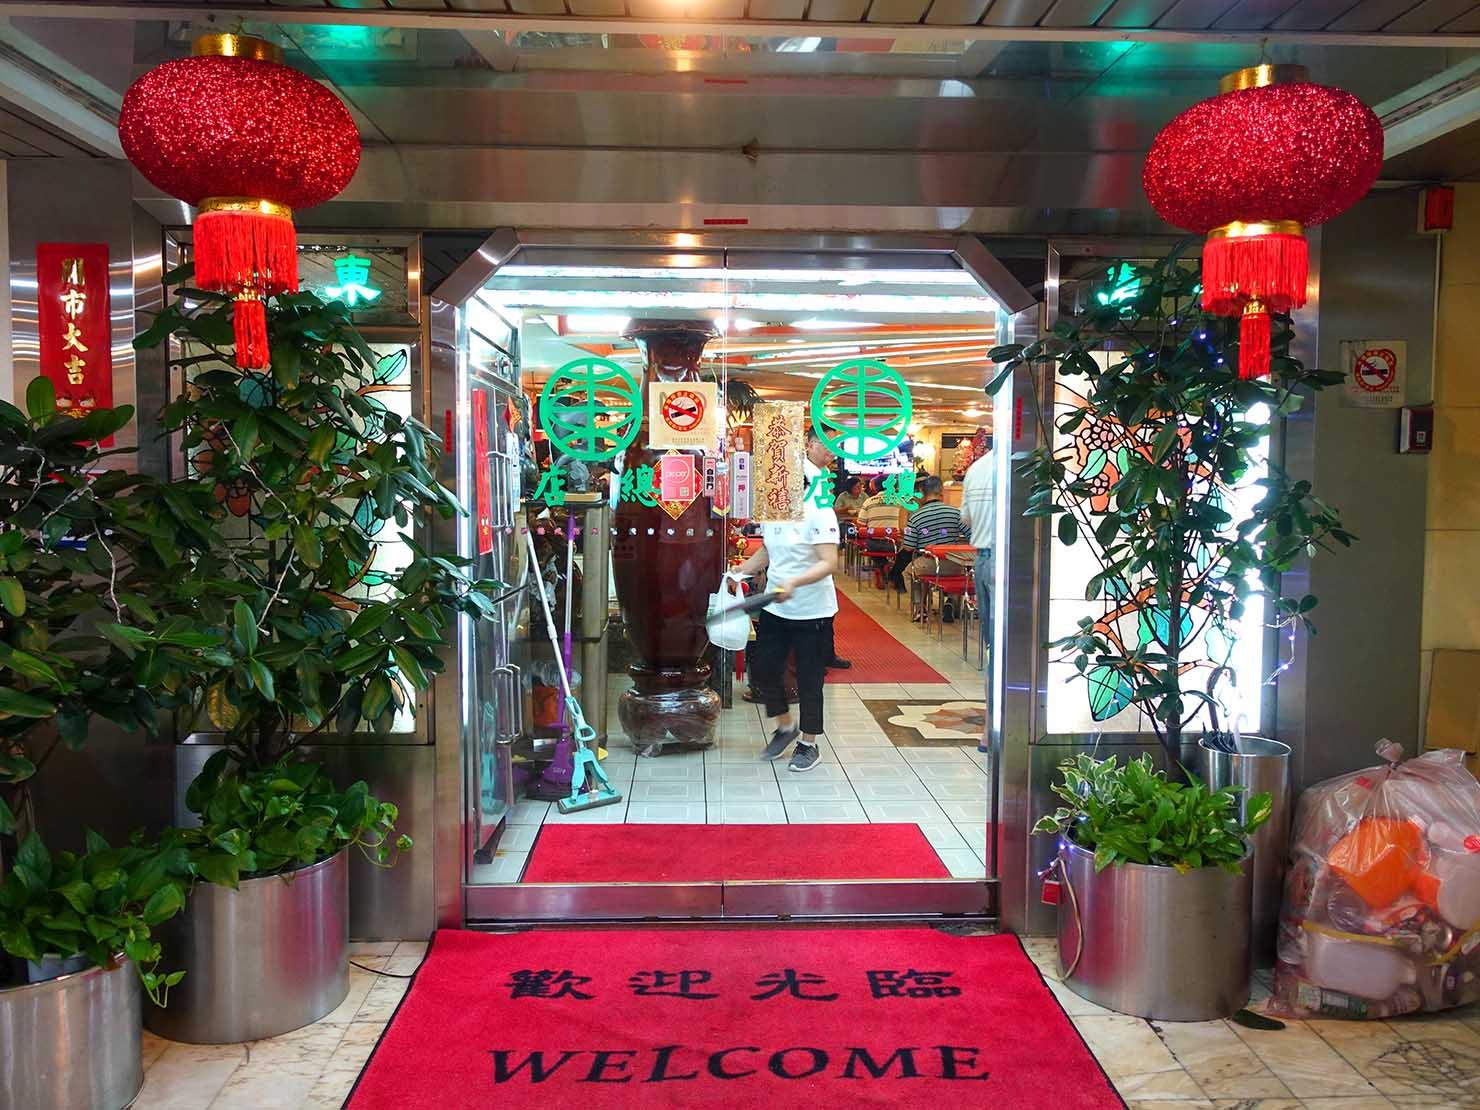 台北・西門町にある排骨飯の老舗「東一排骨總店」エントランス